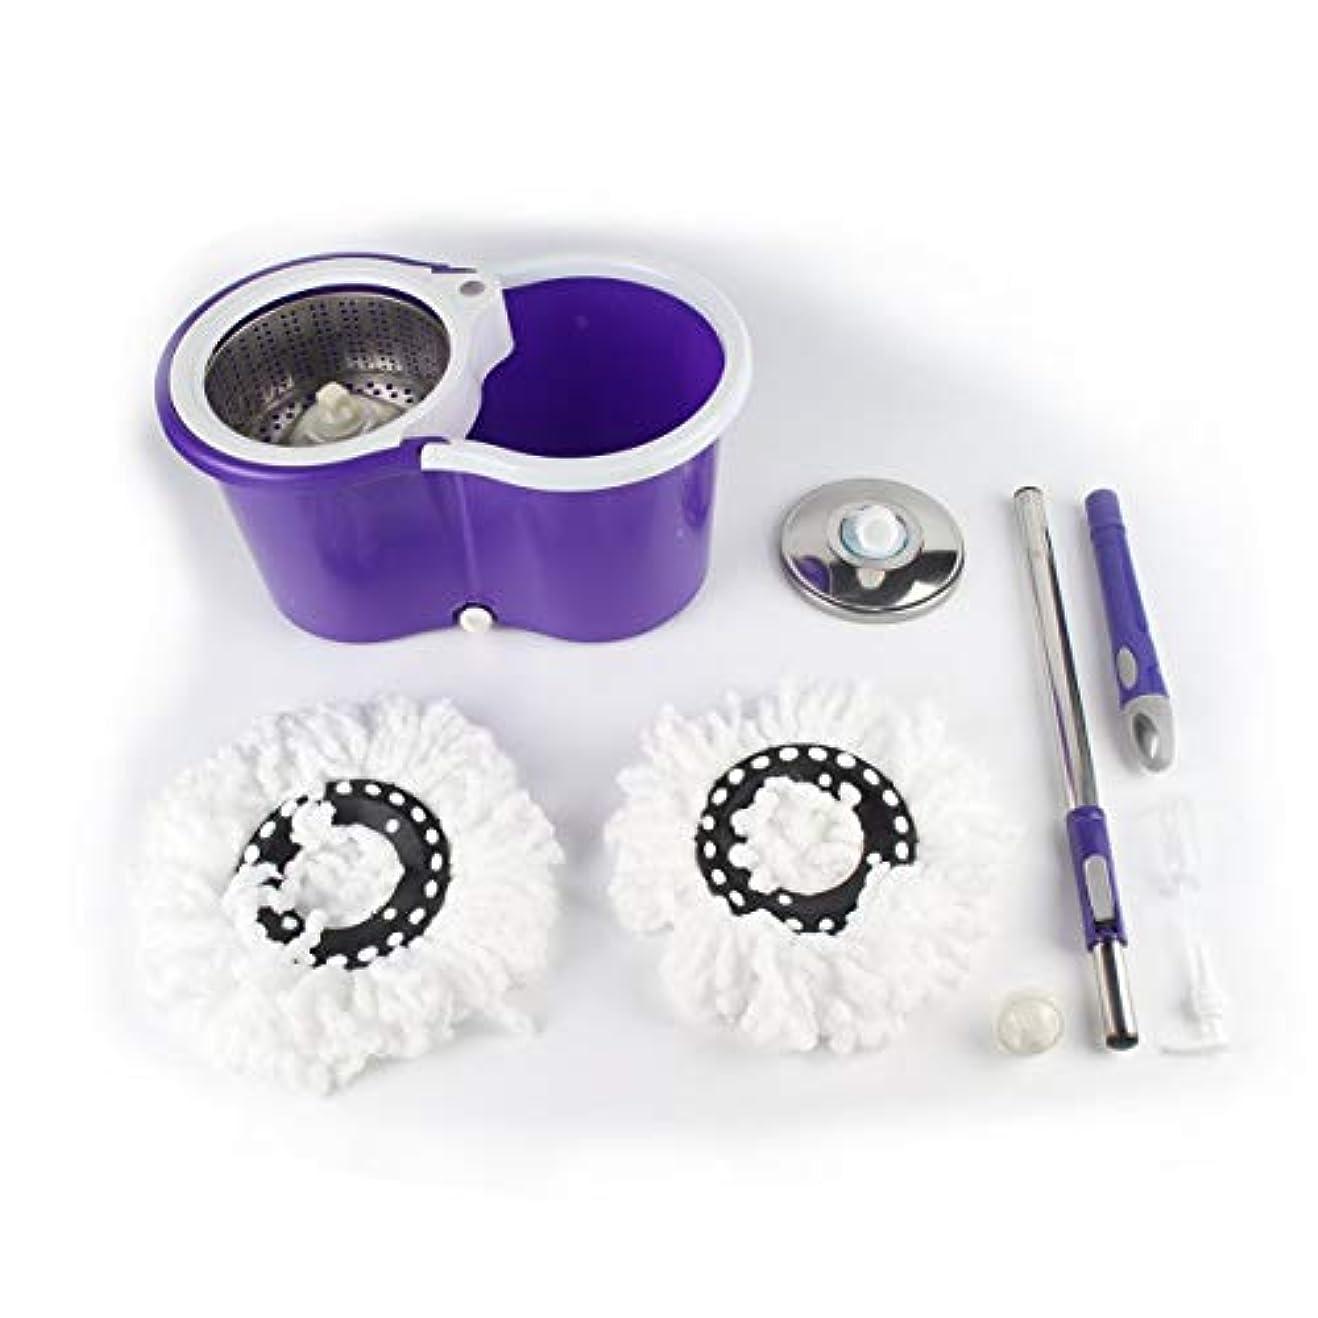 ガチョウ潜むバーベキューSaikogoods 1PC 360度回転 マイクロファイバーモップヘッド キッチン浴室クリーニング マジックモップ ヘッド交換をスピニング マジックモップ 紫の